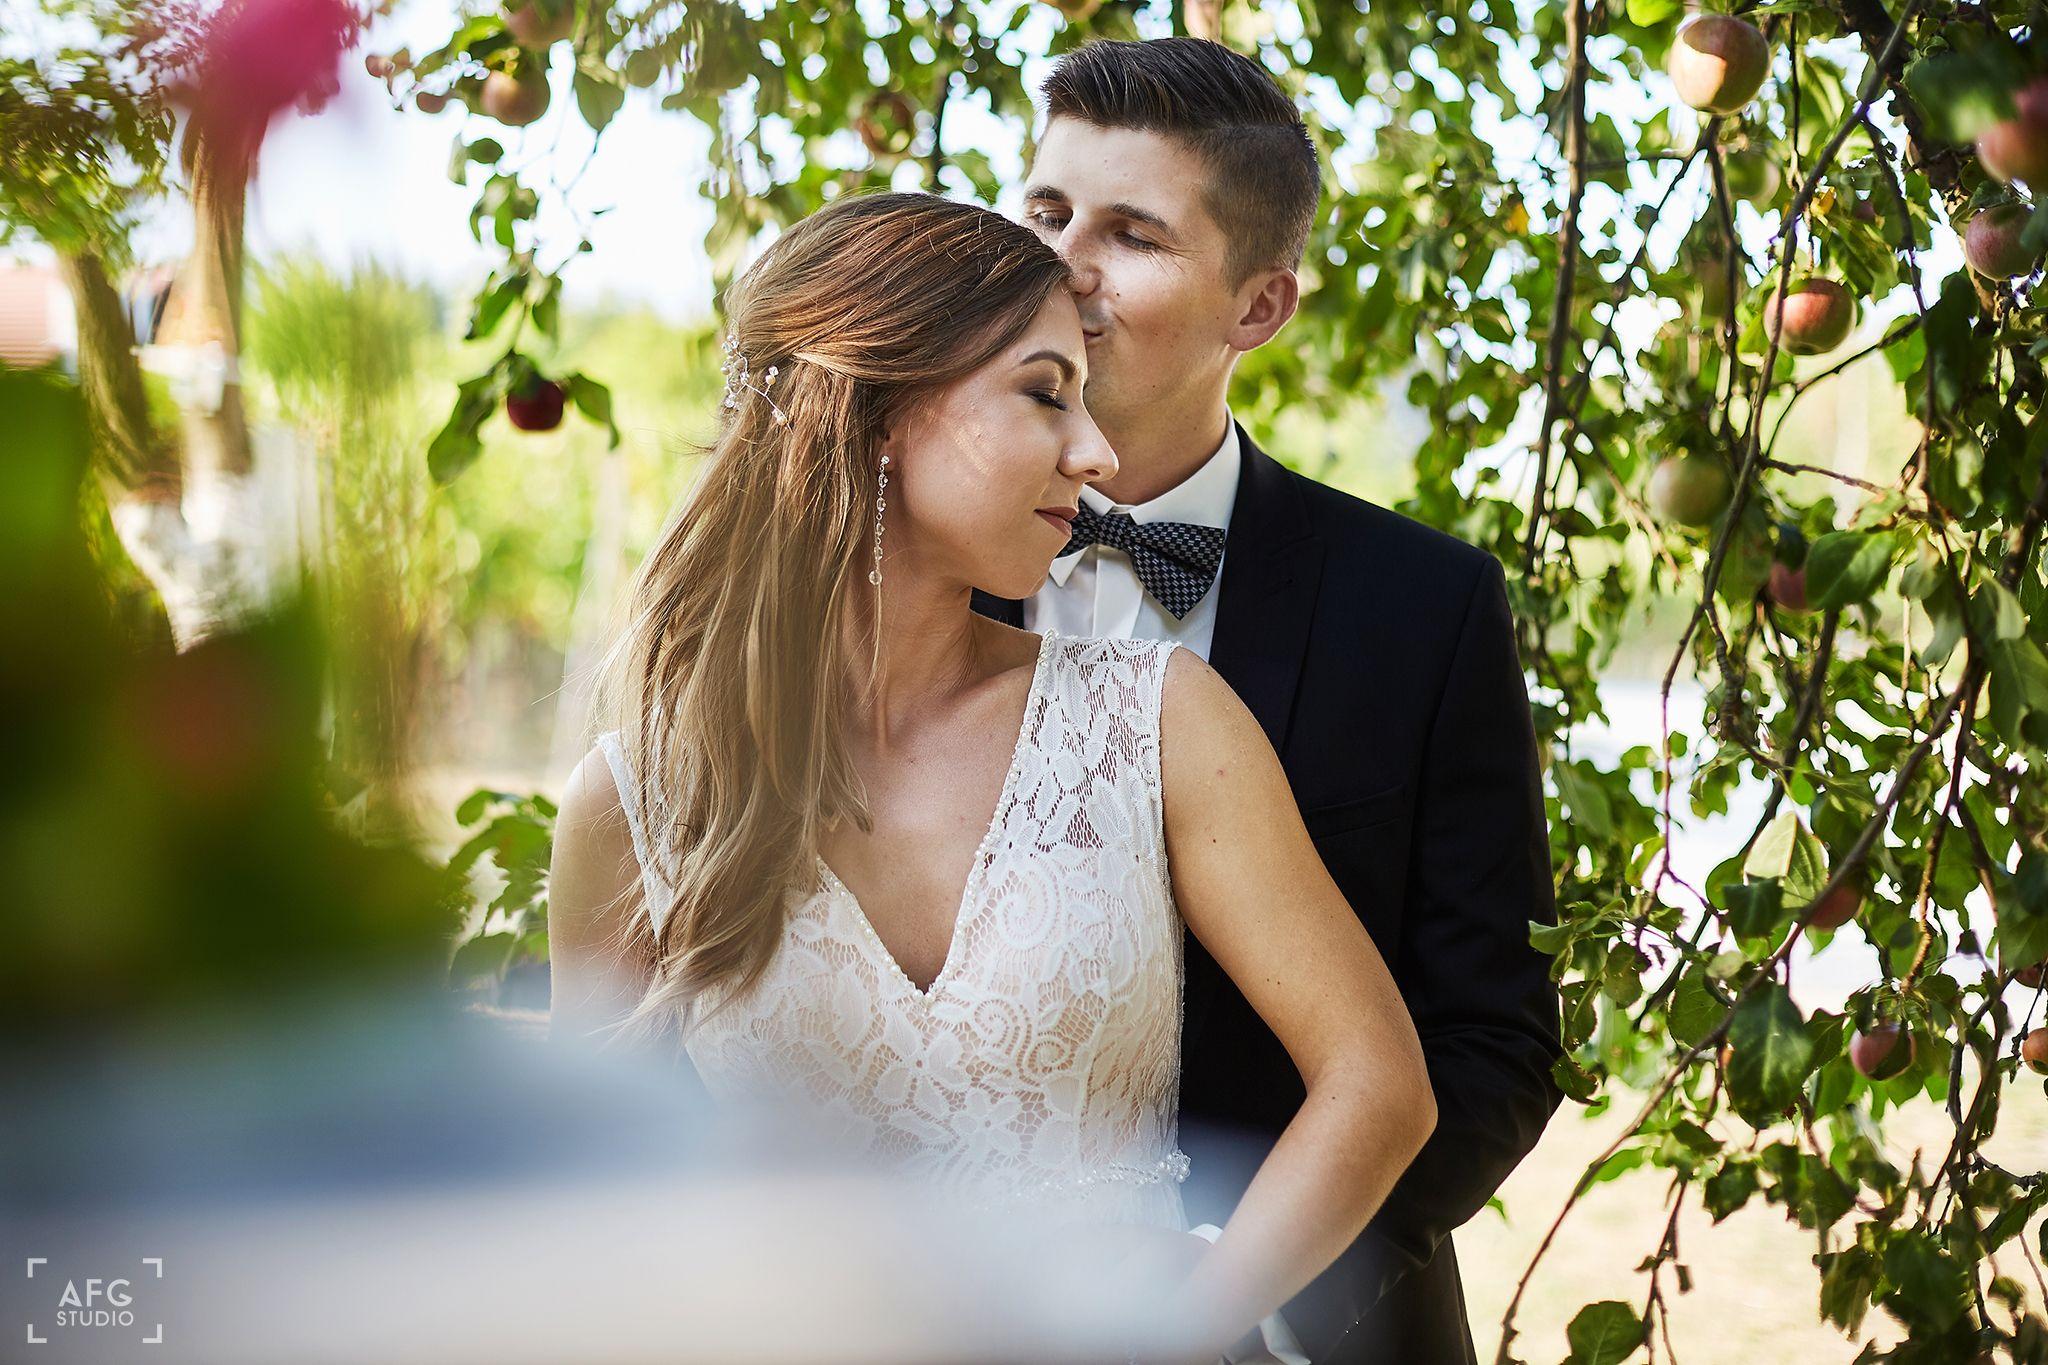 sesja ślubna, plener ślubny, zdjęcia weselne